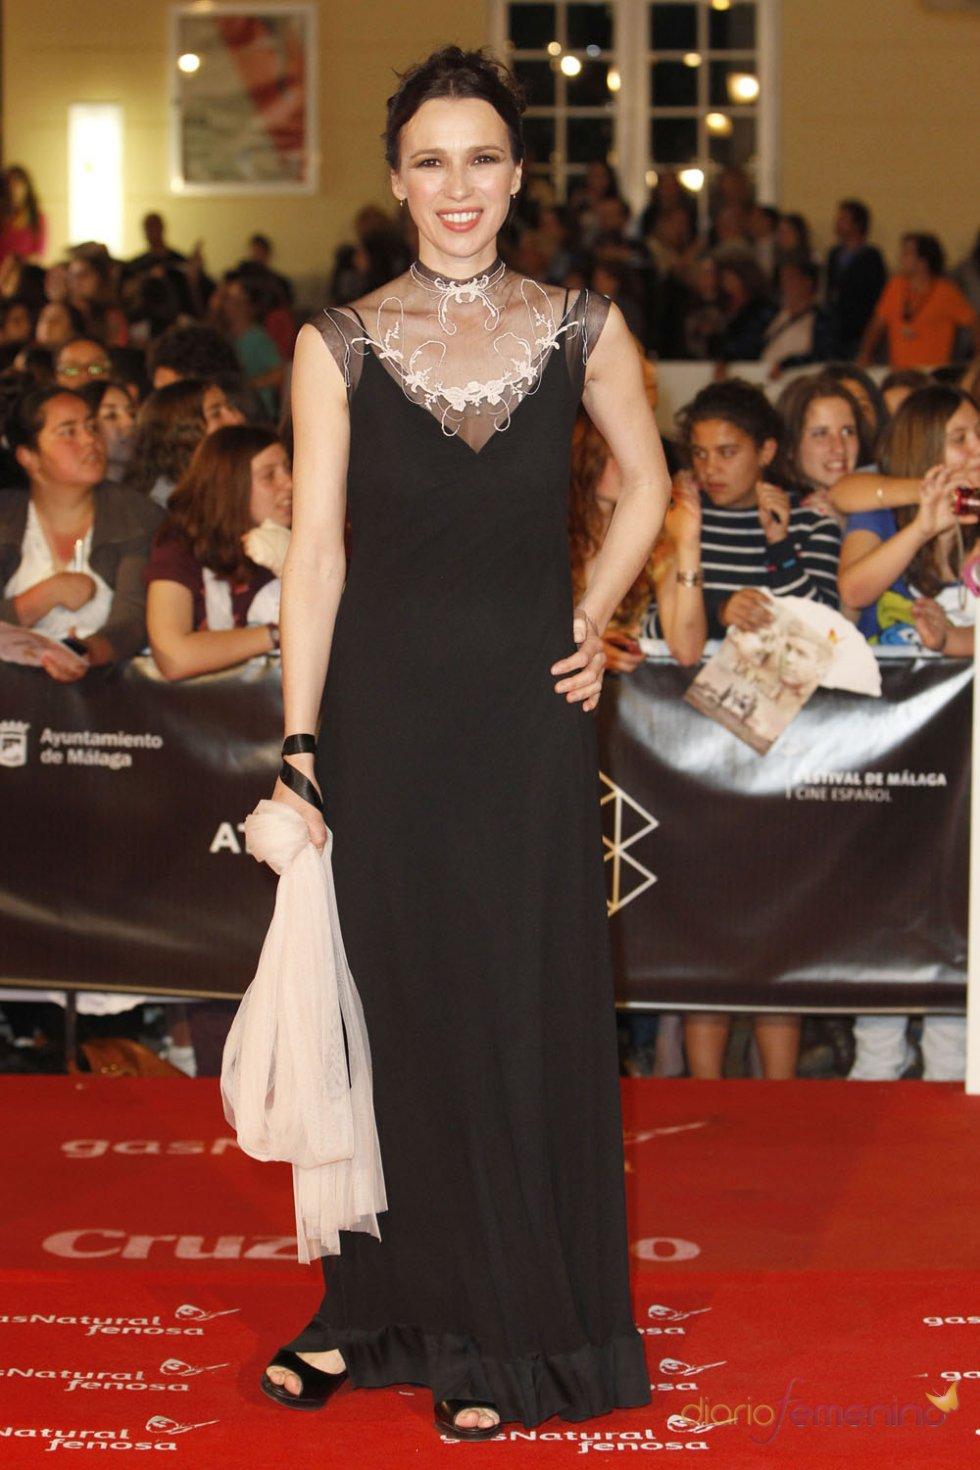 Adriana Gil Lastra en la alfombra roja del Festival de Málaga 2013